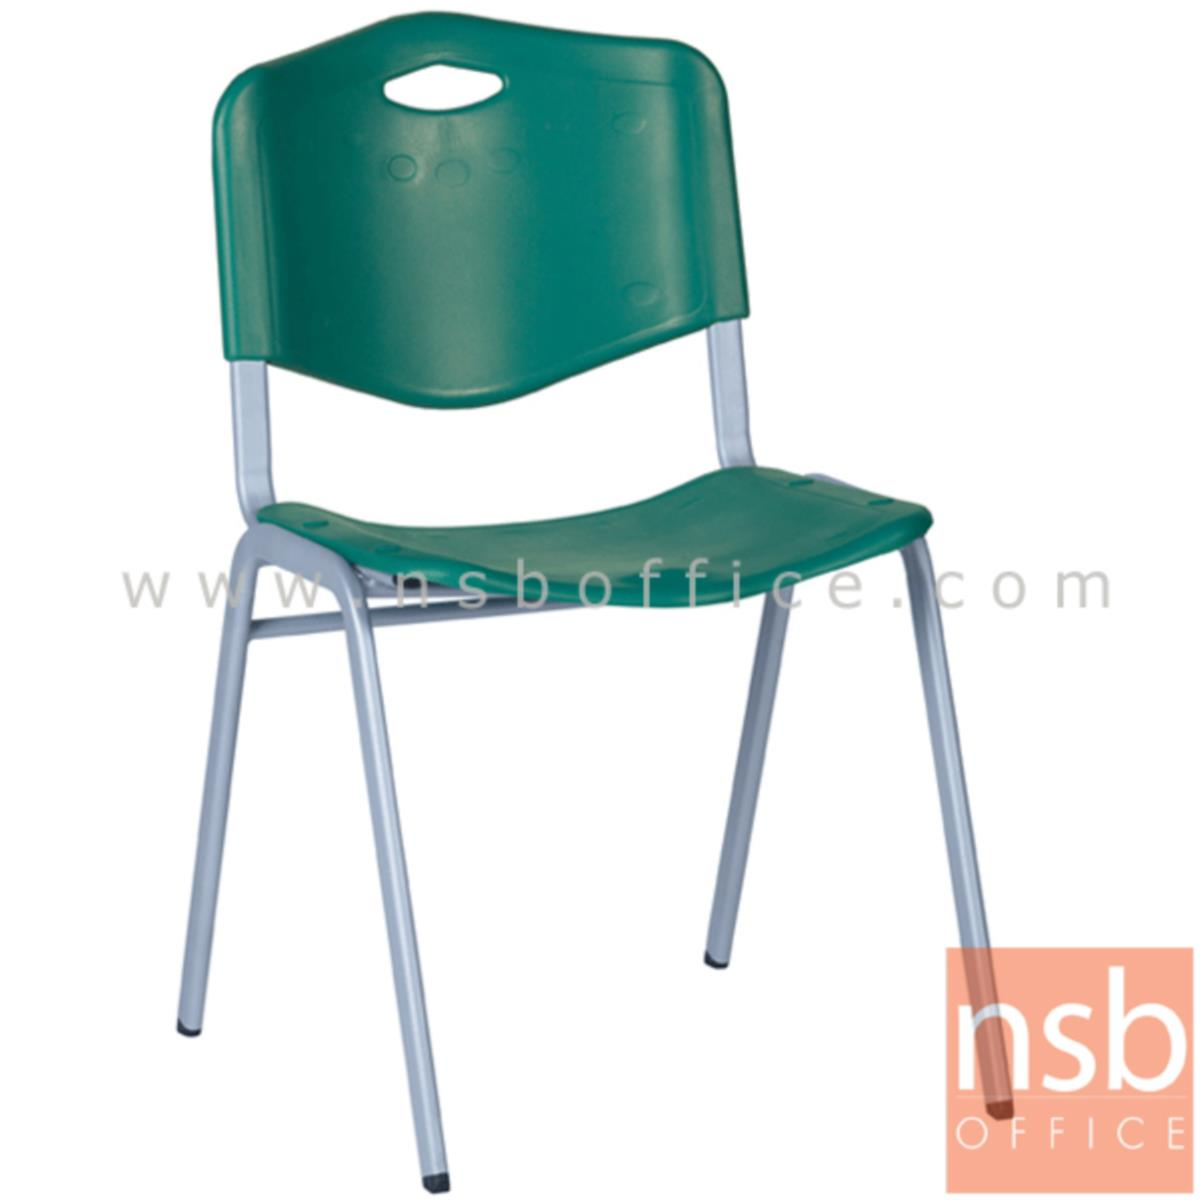 B05A056:เก้าอี้อเนกประสงค์เฟรมโพลี่ รุ่น B218-318  ขาเหล็กพ่นสีเทา